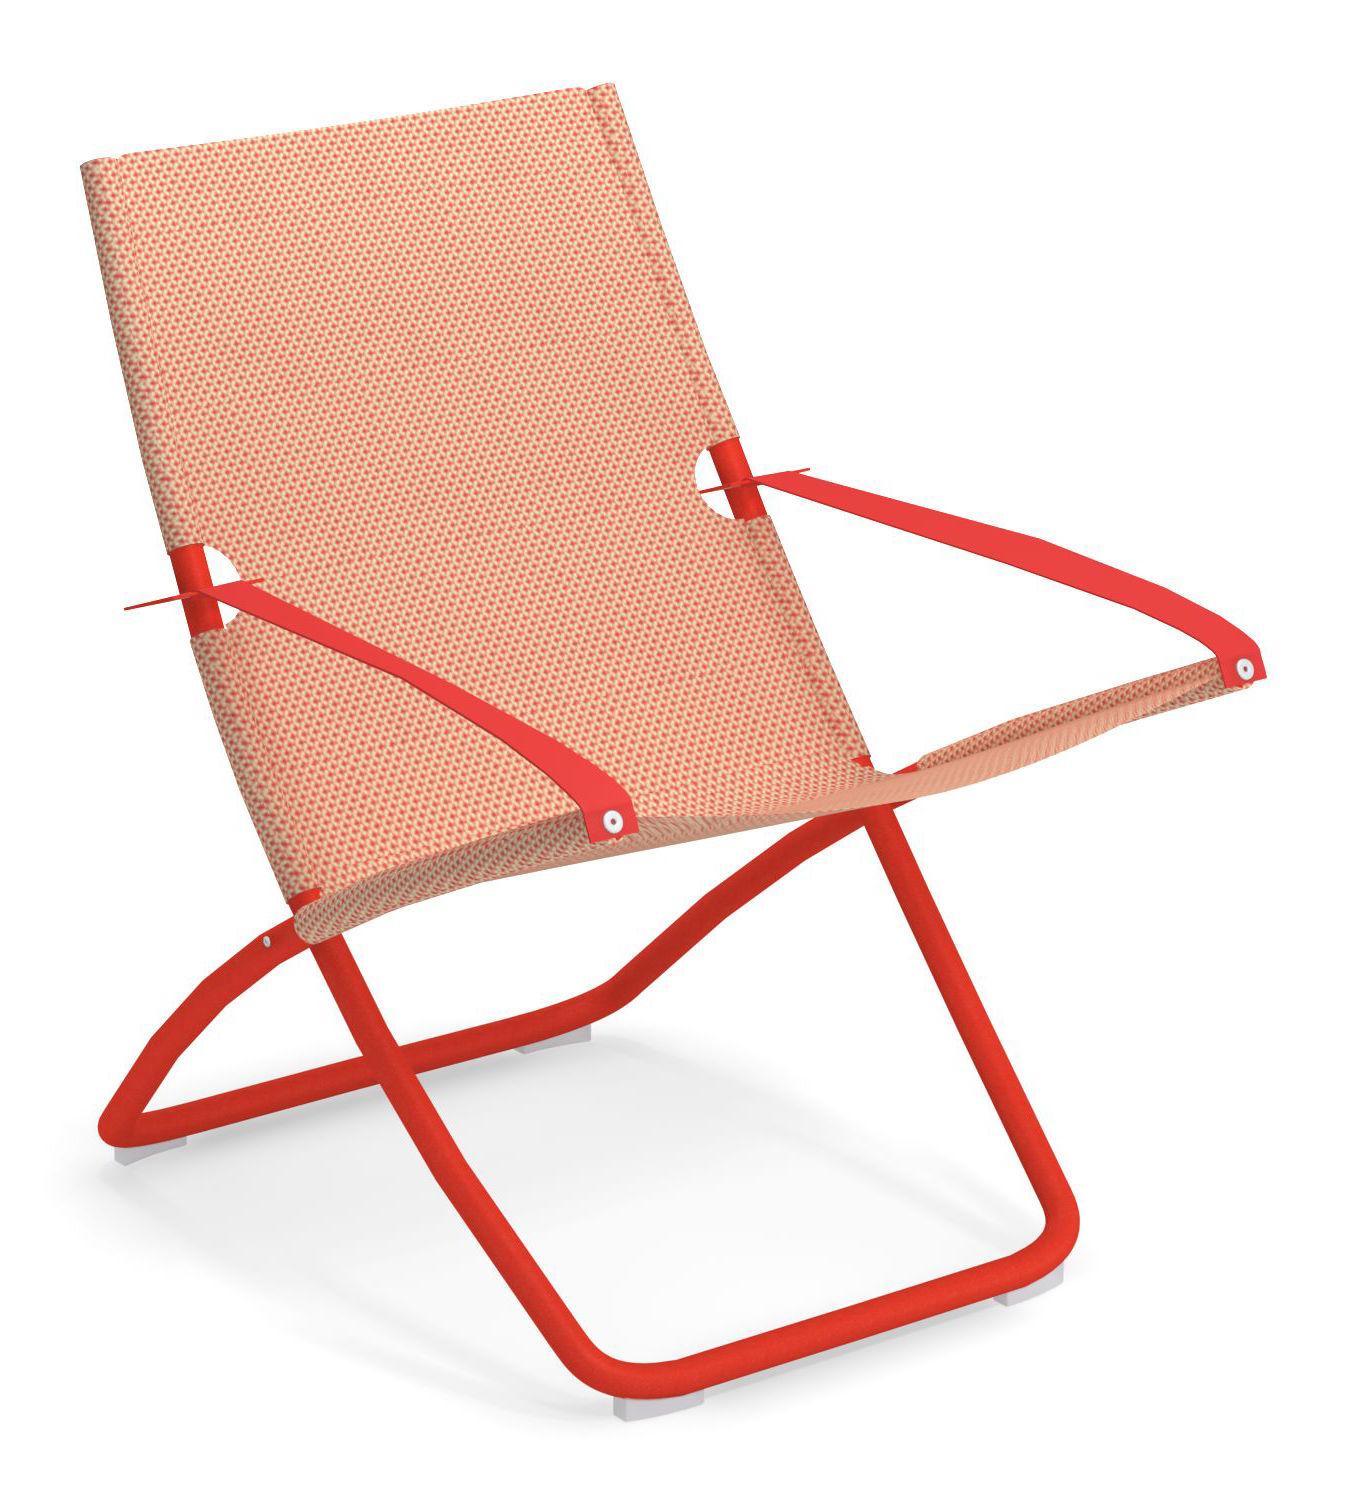 Outdoor - Sedie e Amache - Chaise longue Snooze - / Pieghevole - 2 posizioni di Emu - Pesca / Struttura rosso - Acciaio verniciato, Tissu technique